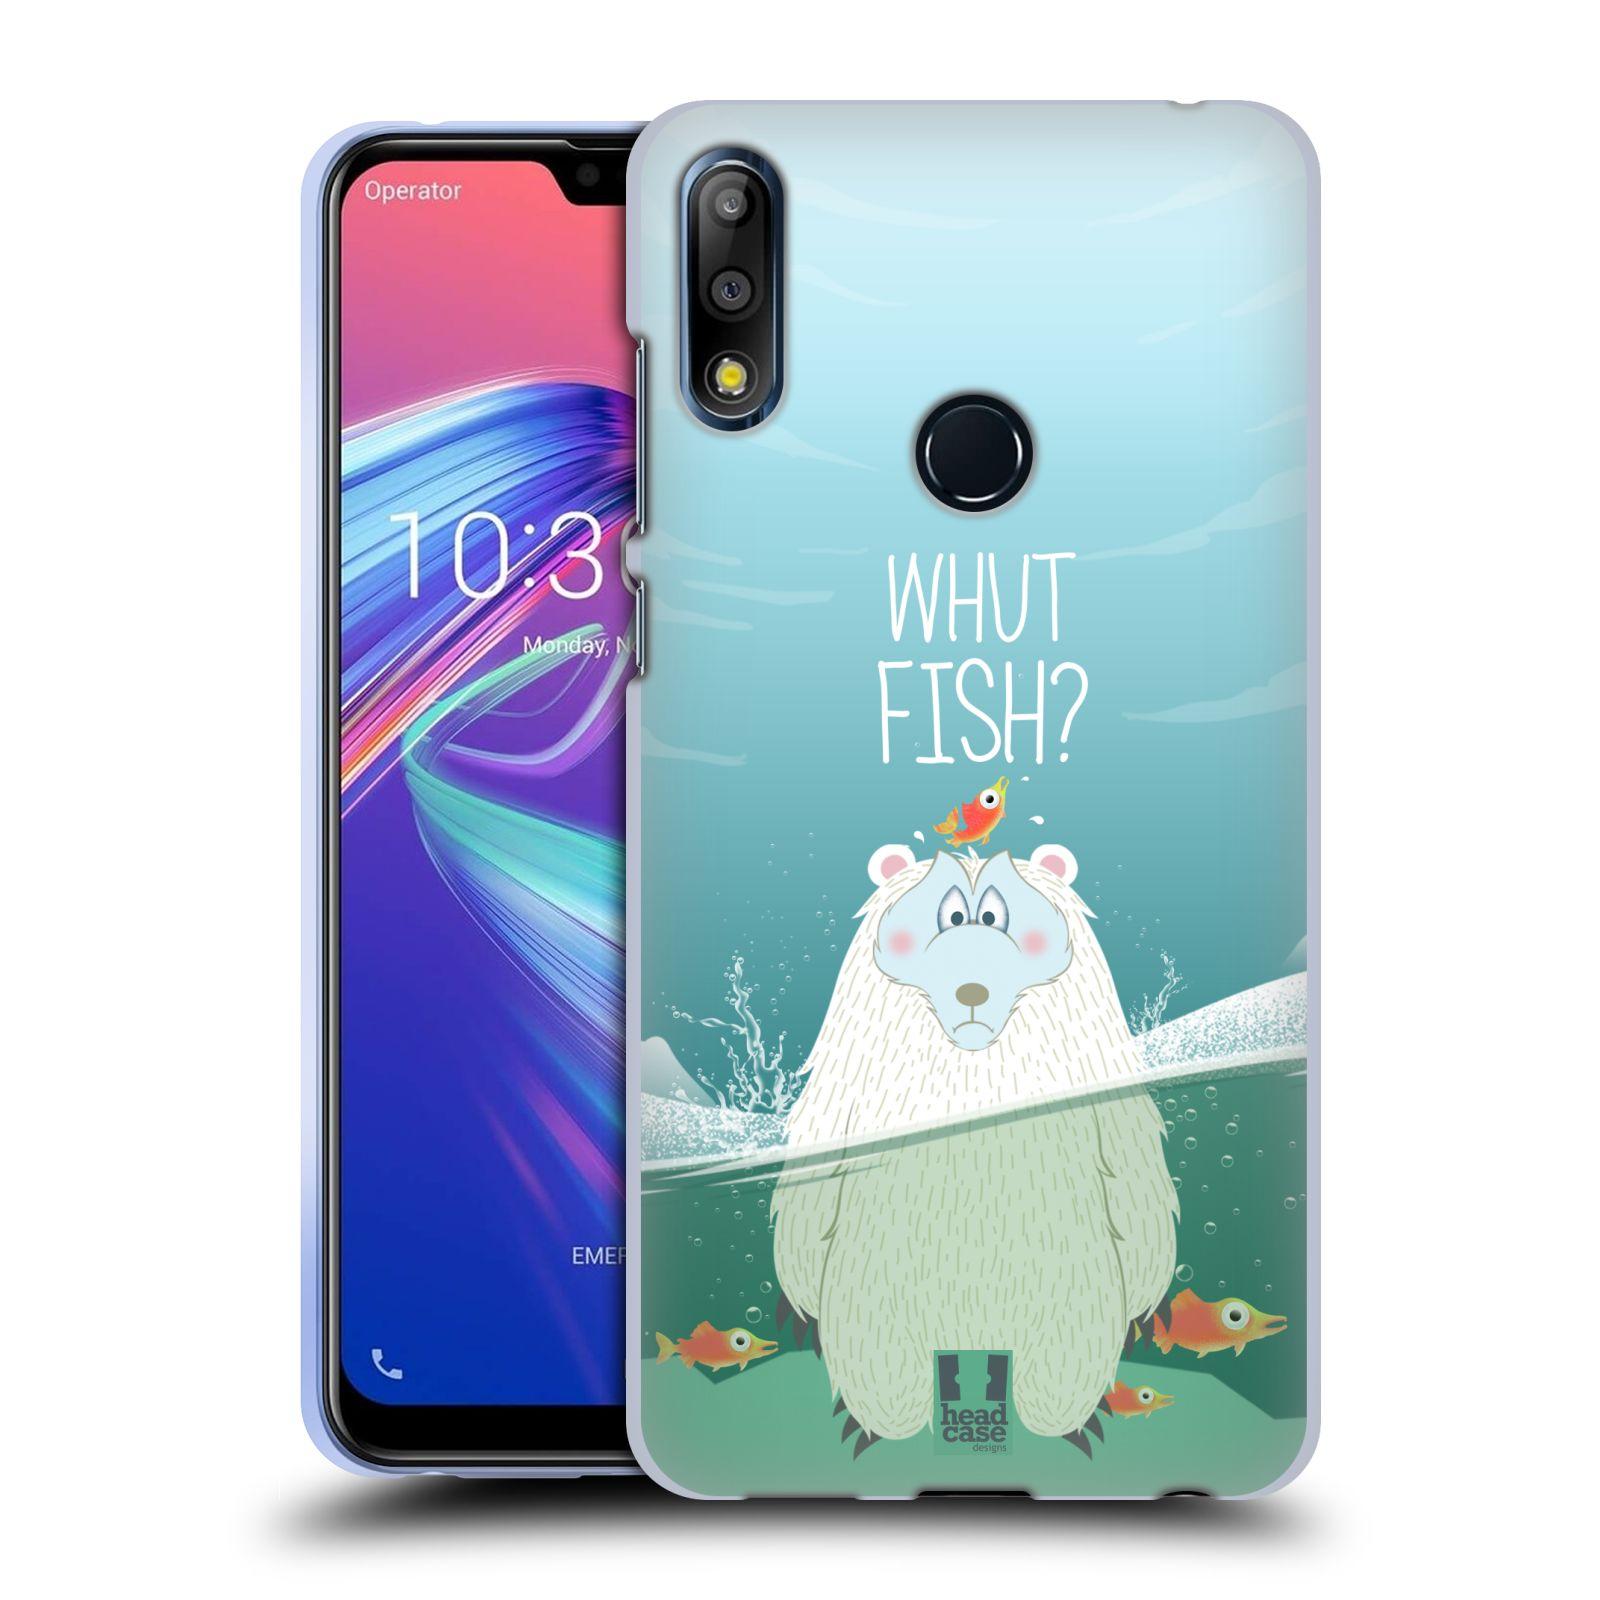 Silikonové pouzdro na mobil Asus Zenfone Max Pro M2 ZB631KL - Head Case - Medvěd Whut Fish?